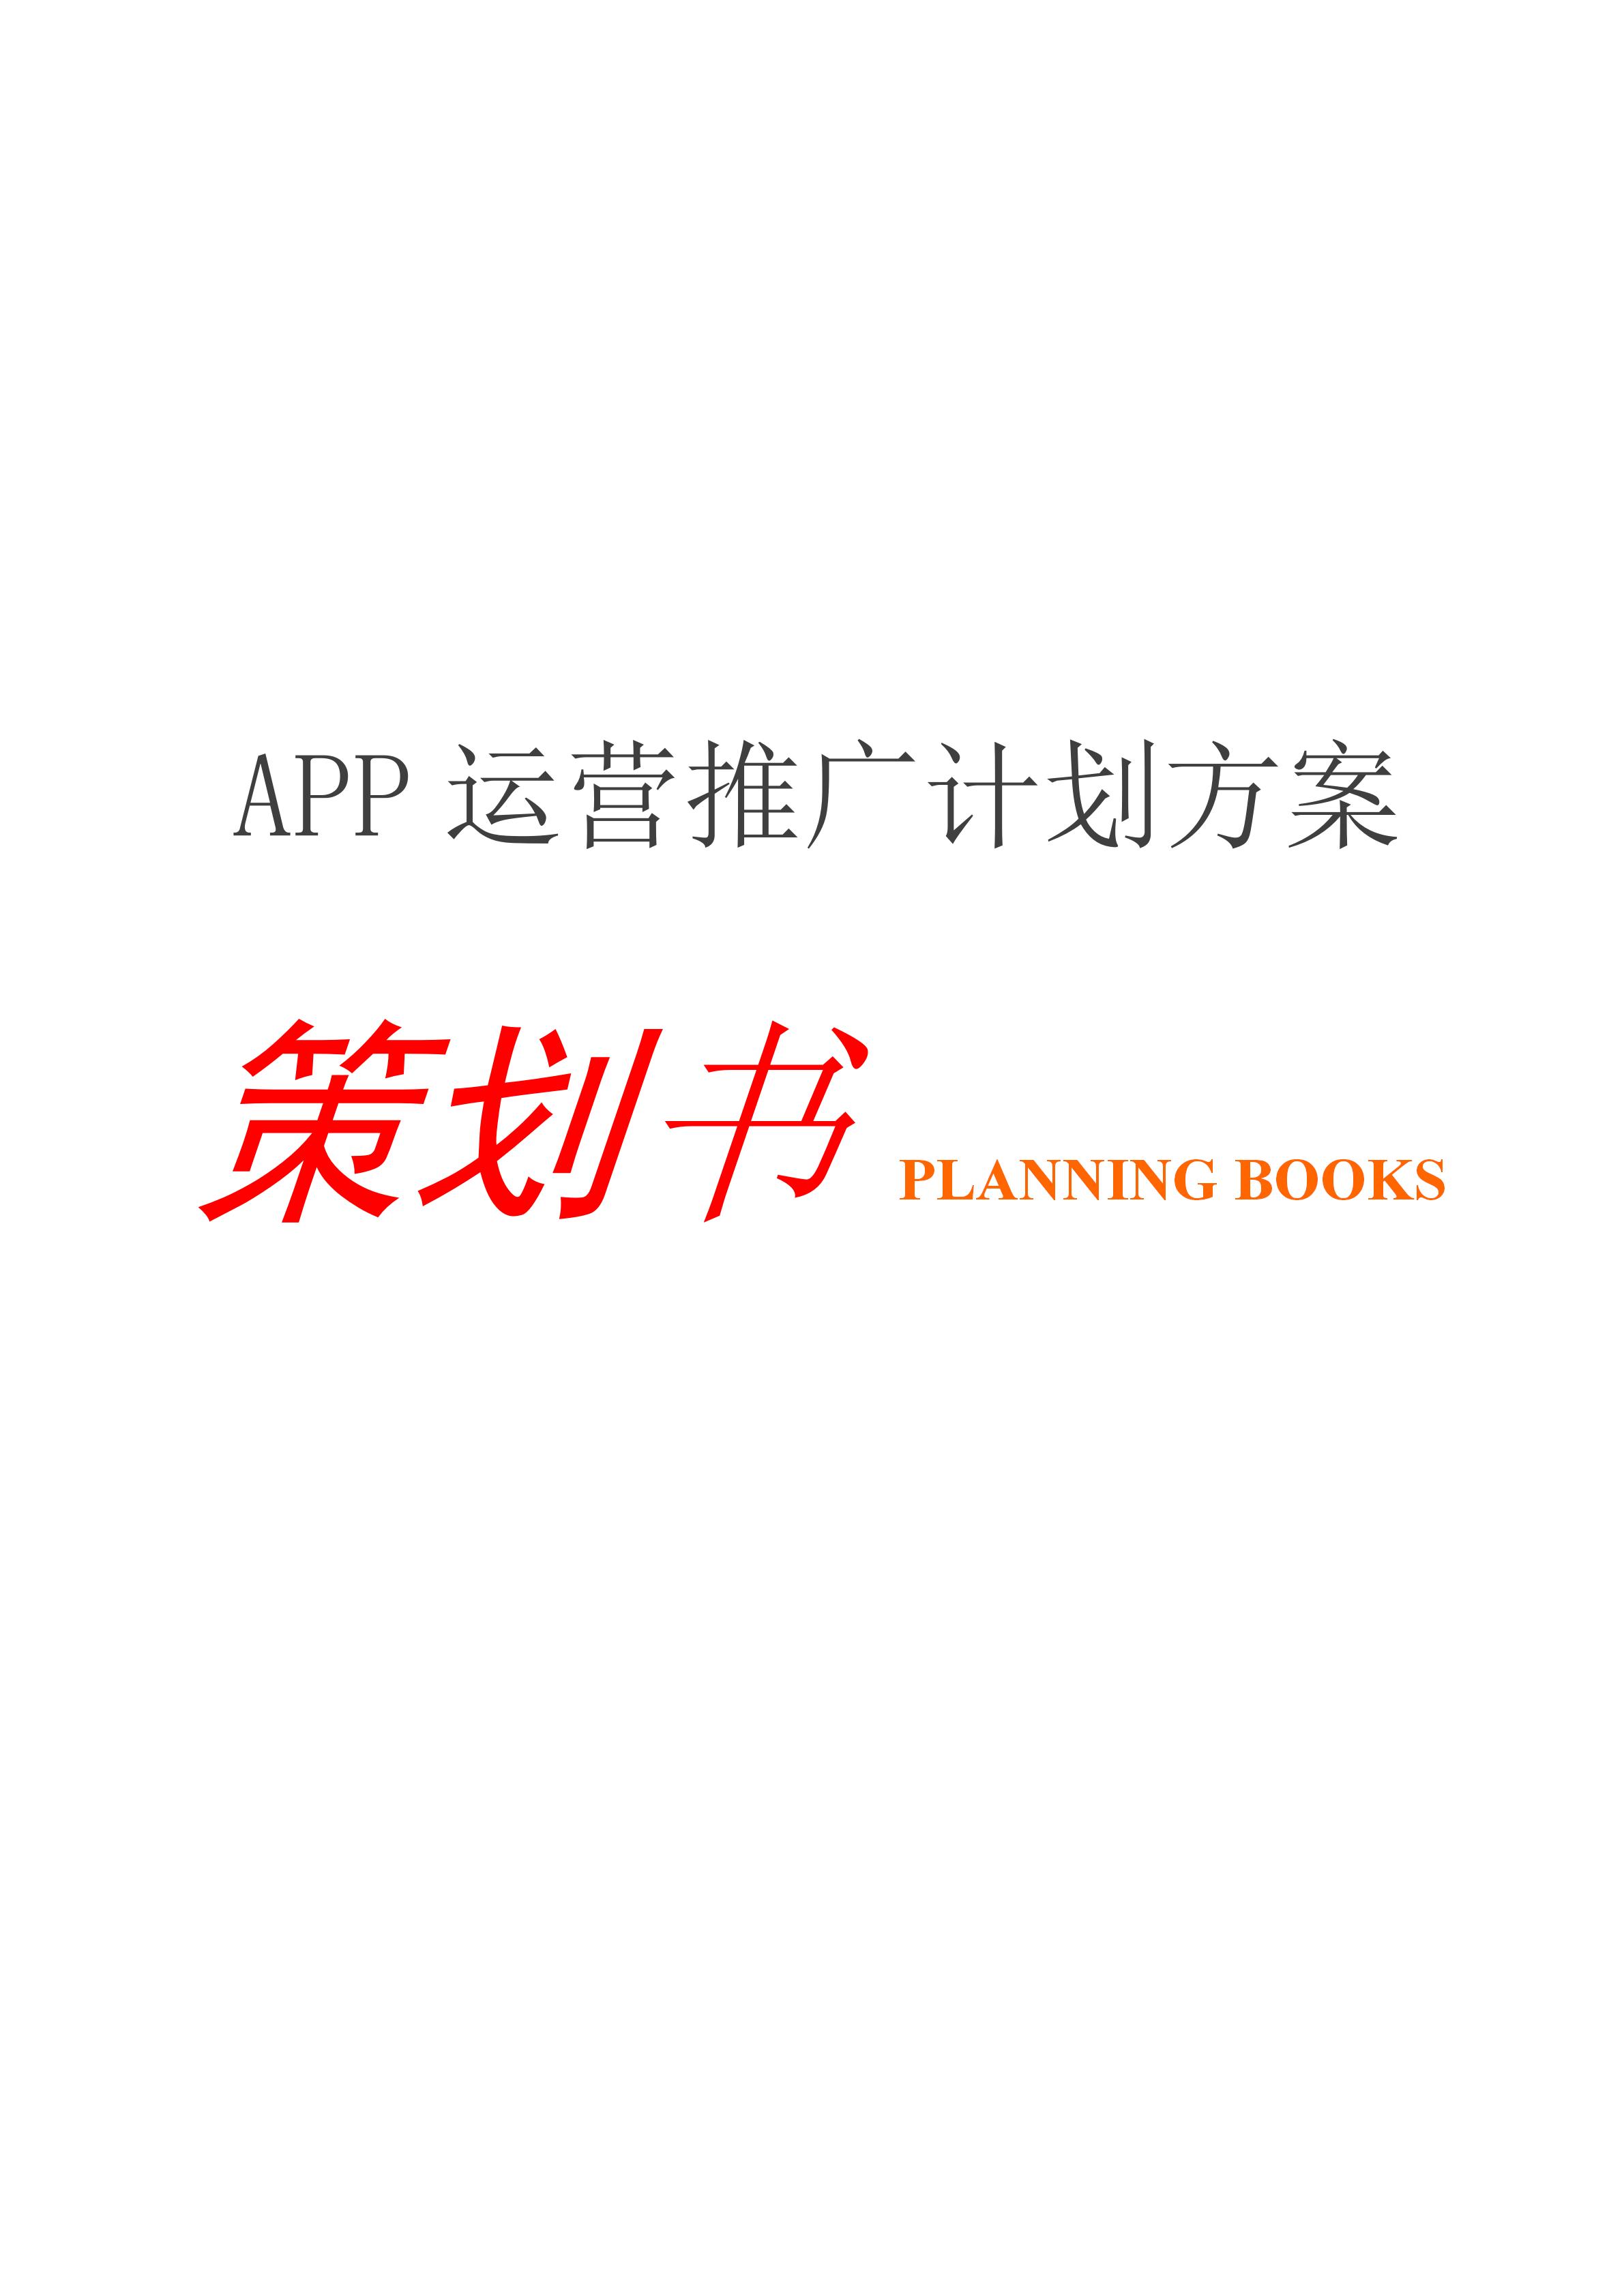 App运营推广计划方案(内容完整,值得参考)